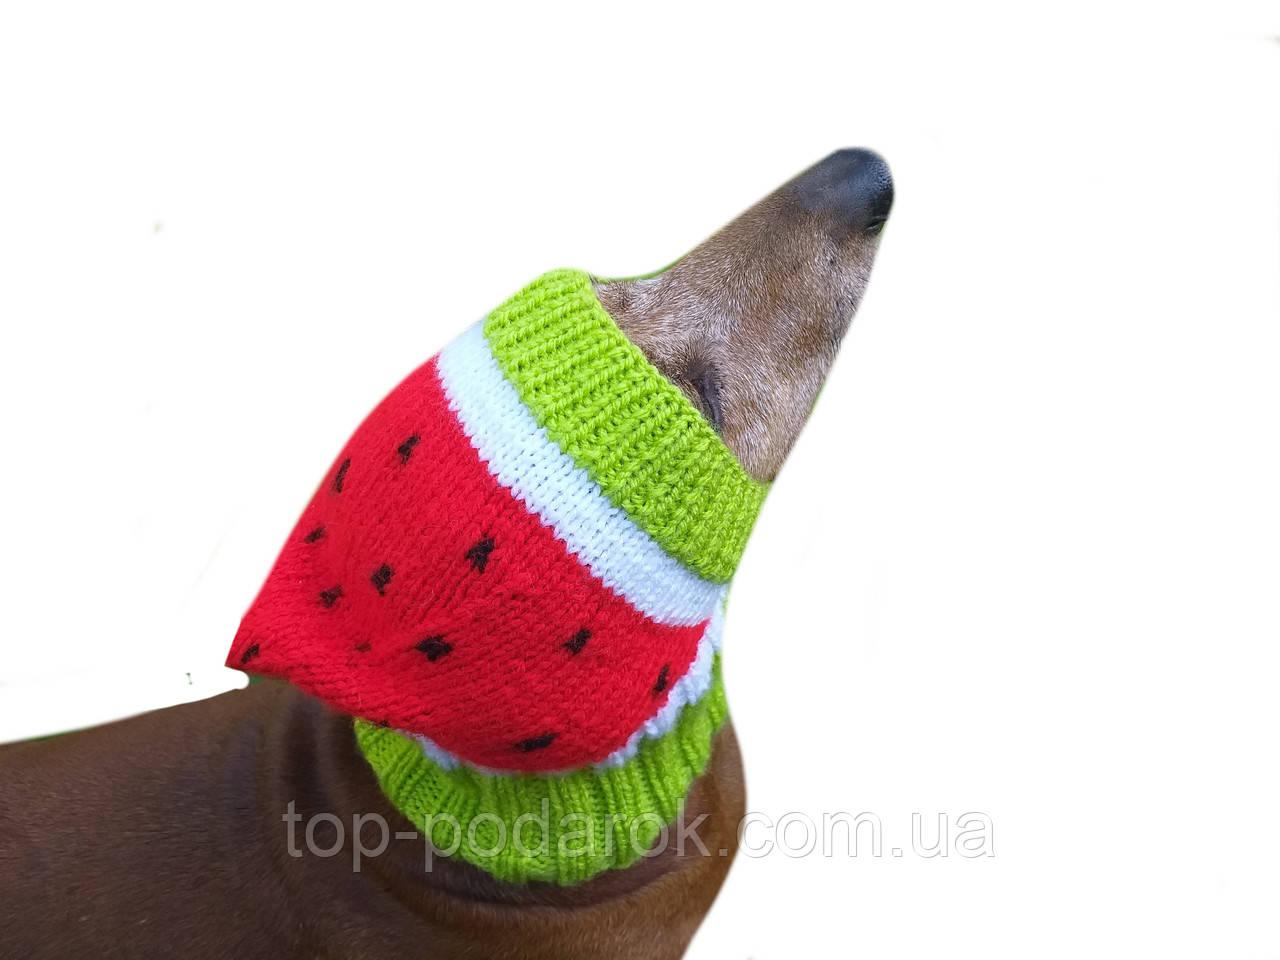 Кавун Шапка для собаки,шапка для такси,одяг для домашніх тварин